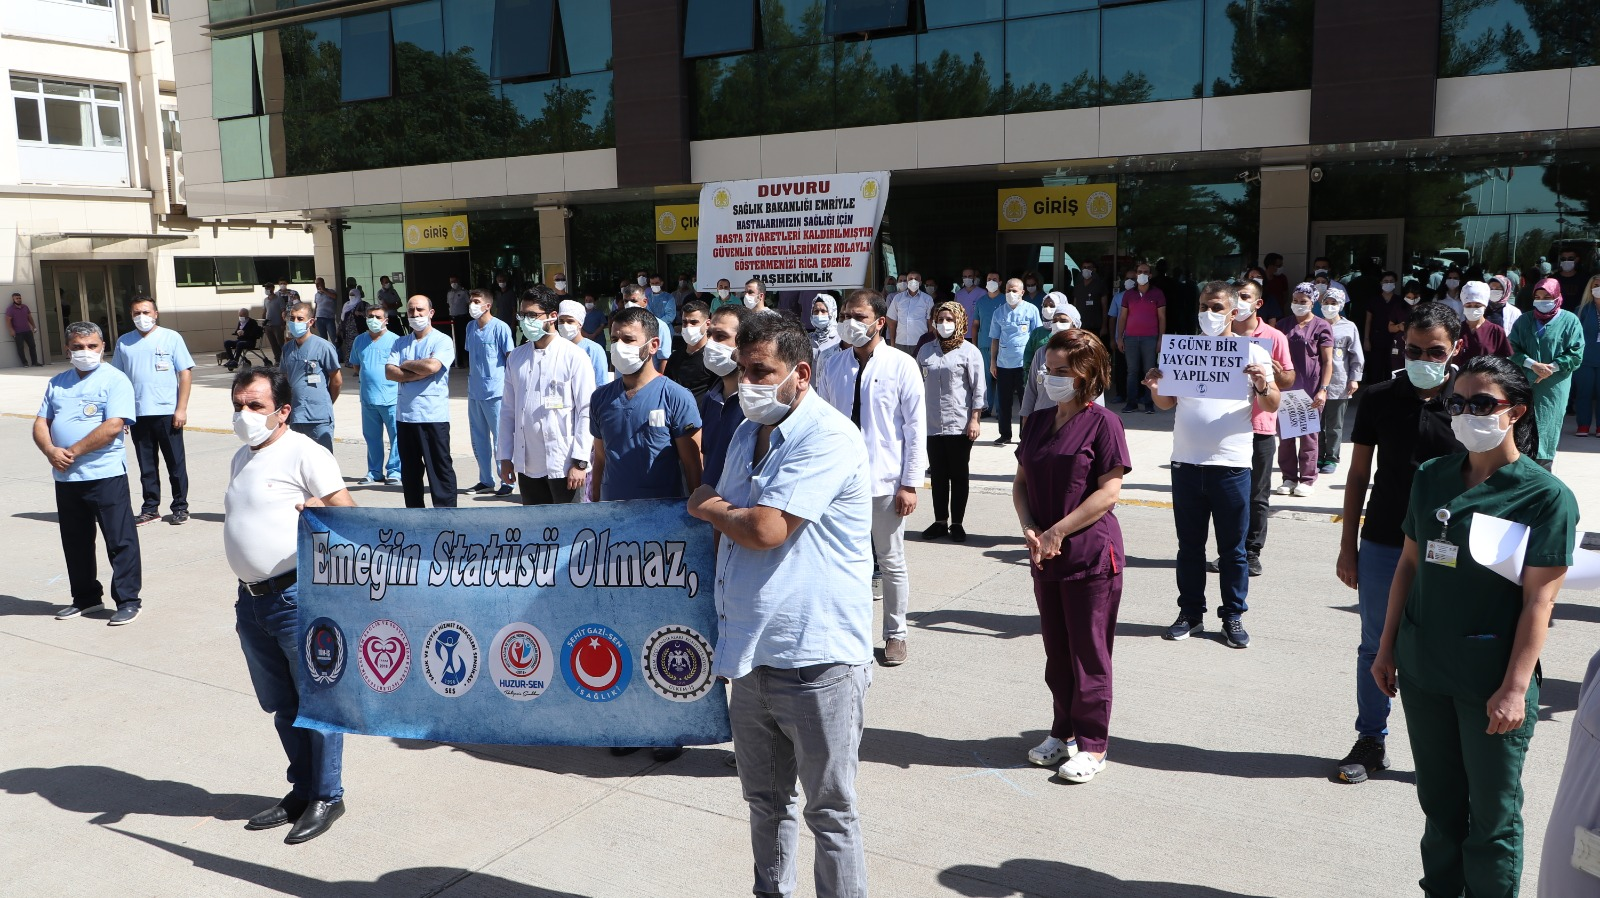 Diyarbakır: Emeğin Statüsü Olmaz